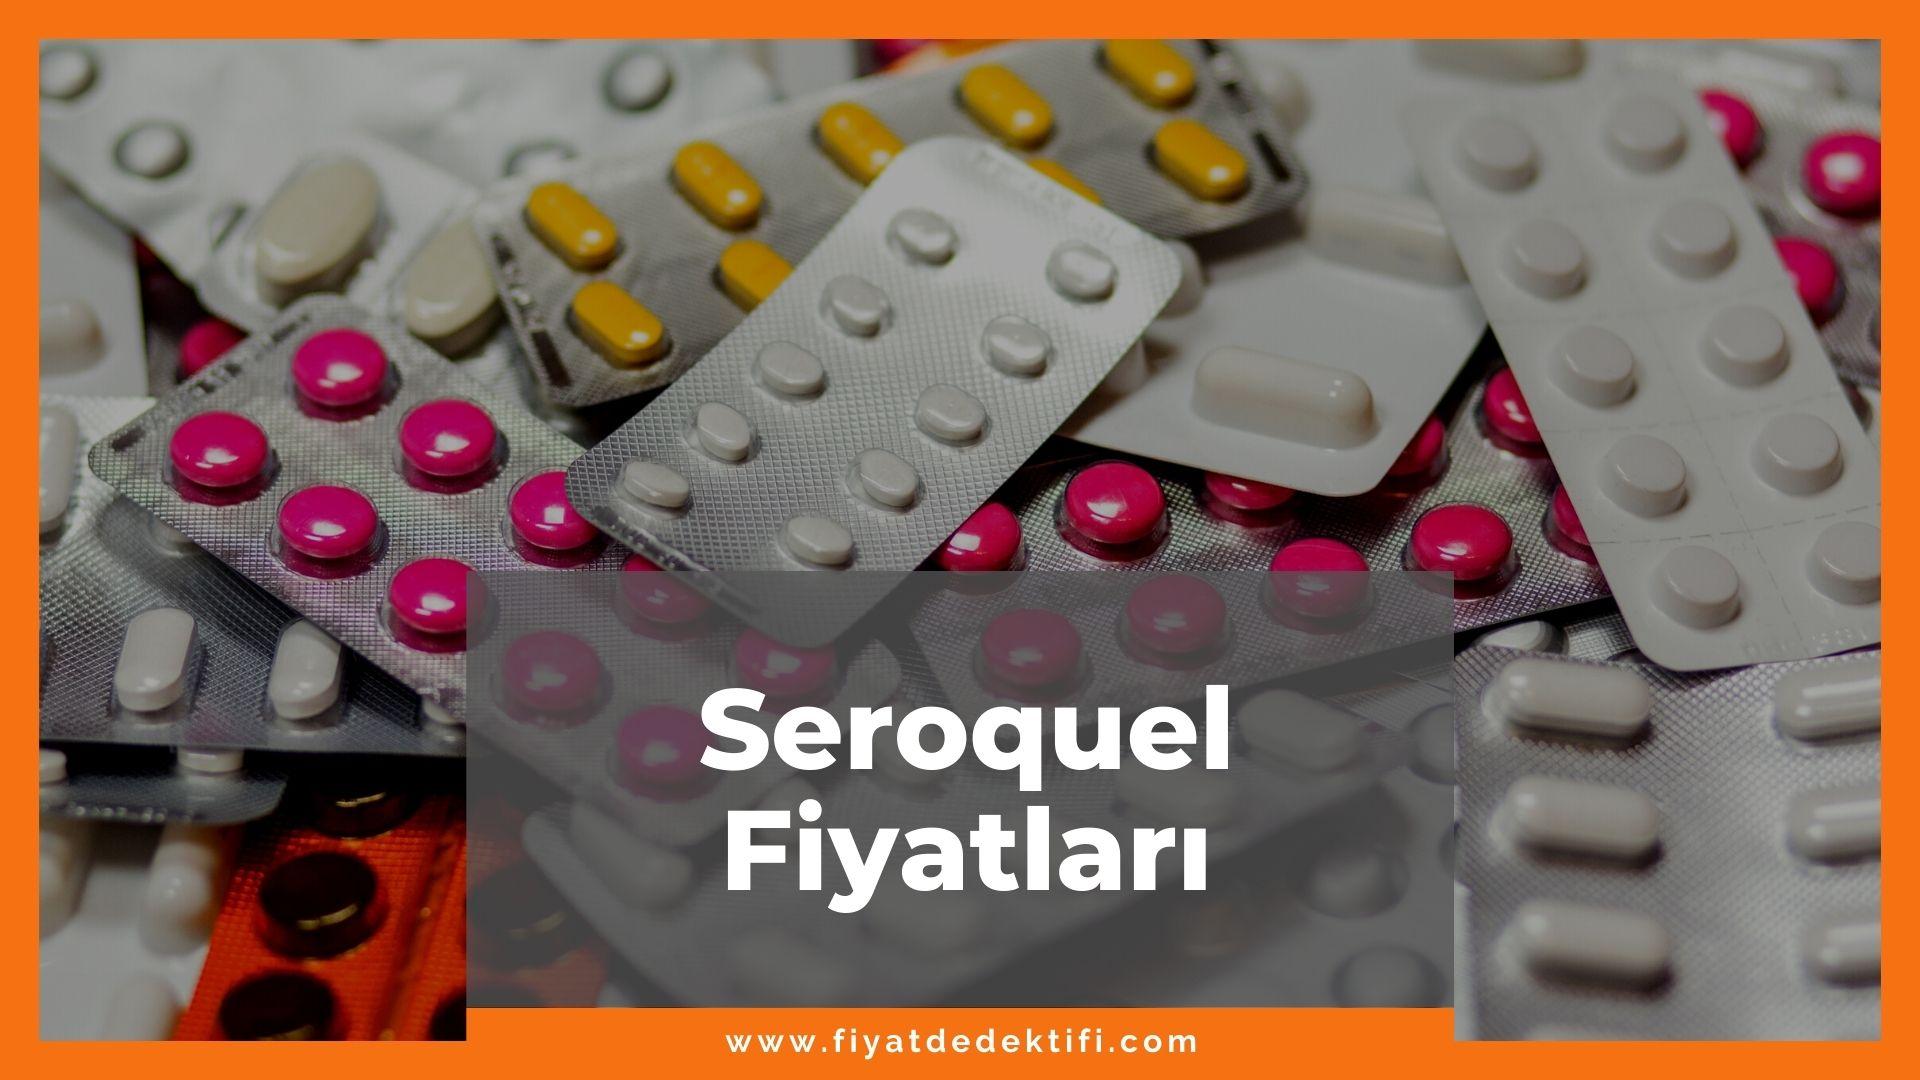 Seroquel Fiyat 2021, Seroquel 25 mg, 100 mg, 200 mg Fiyatı, seroquel zamlandı mı, seroquel zamlı fiyatı ne kadar kaç tl oldu